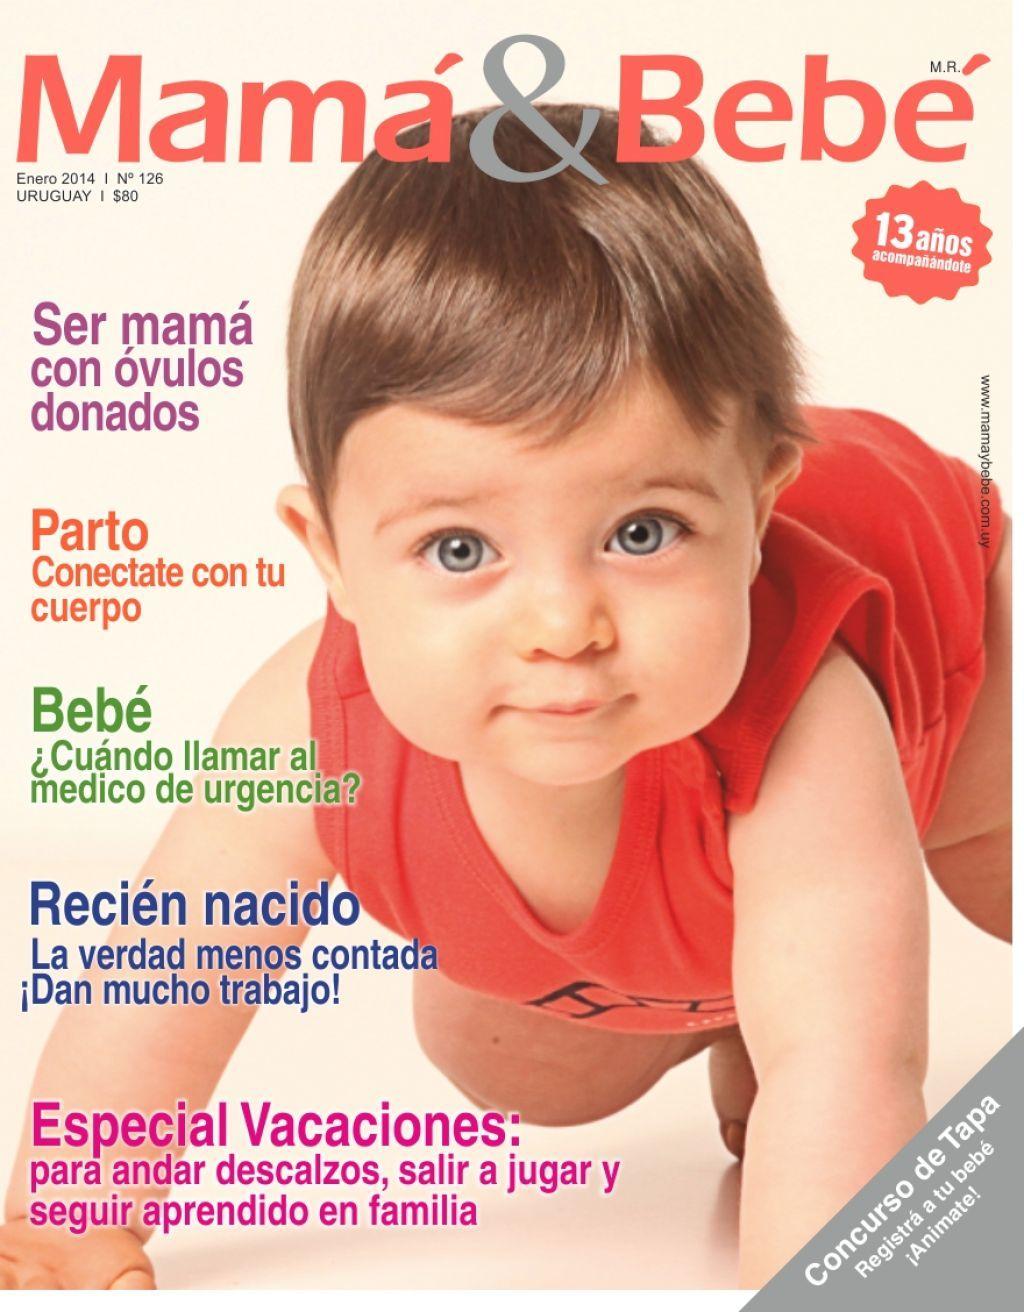 Edición Enero Nº126 Edición Enero Nº126